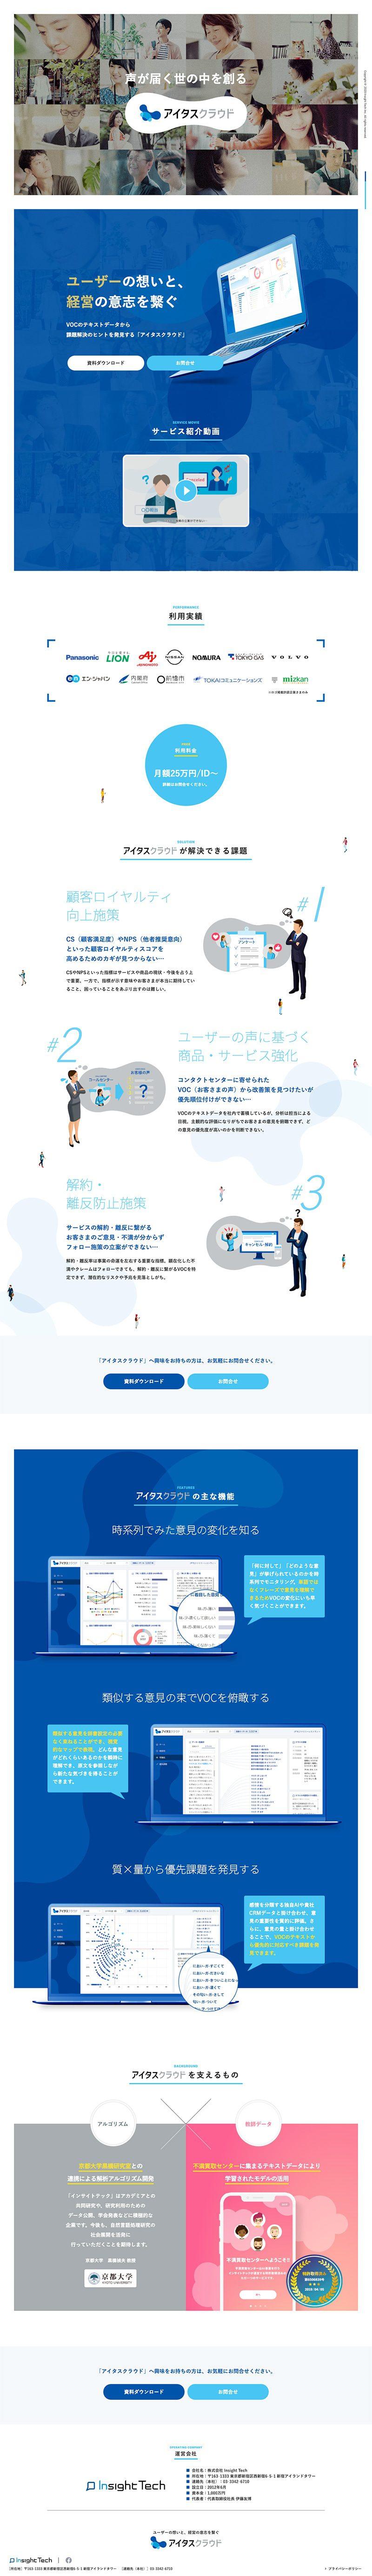 株式会社Insight Tech様|サービスブランドサイトTOP